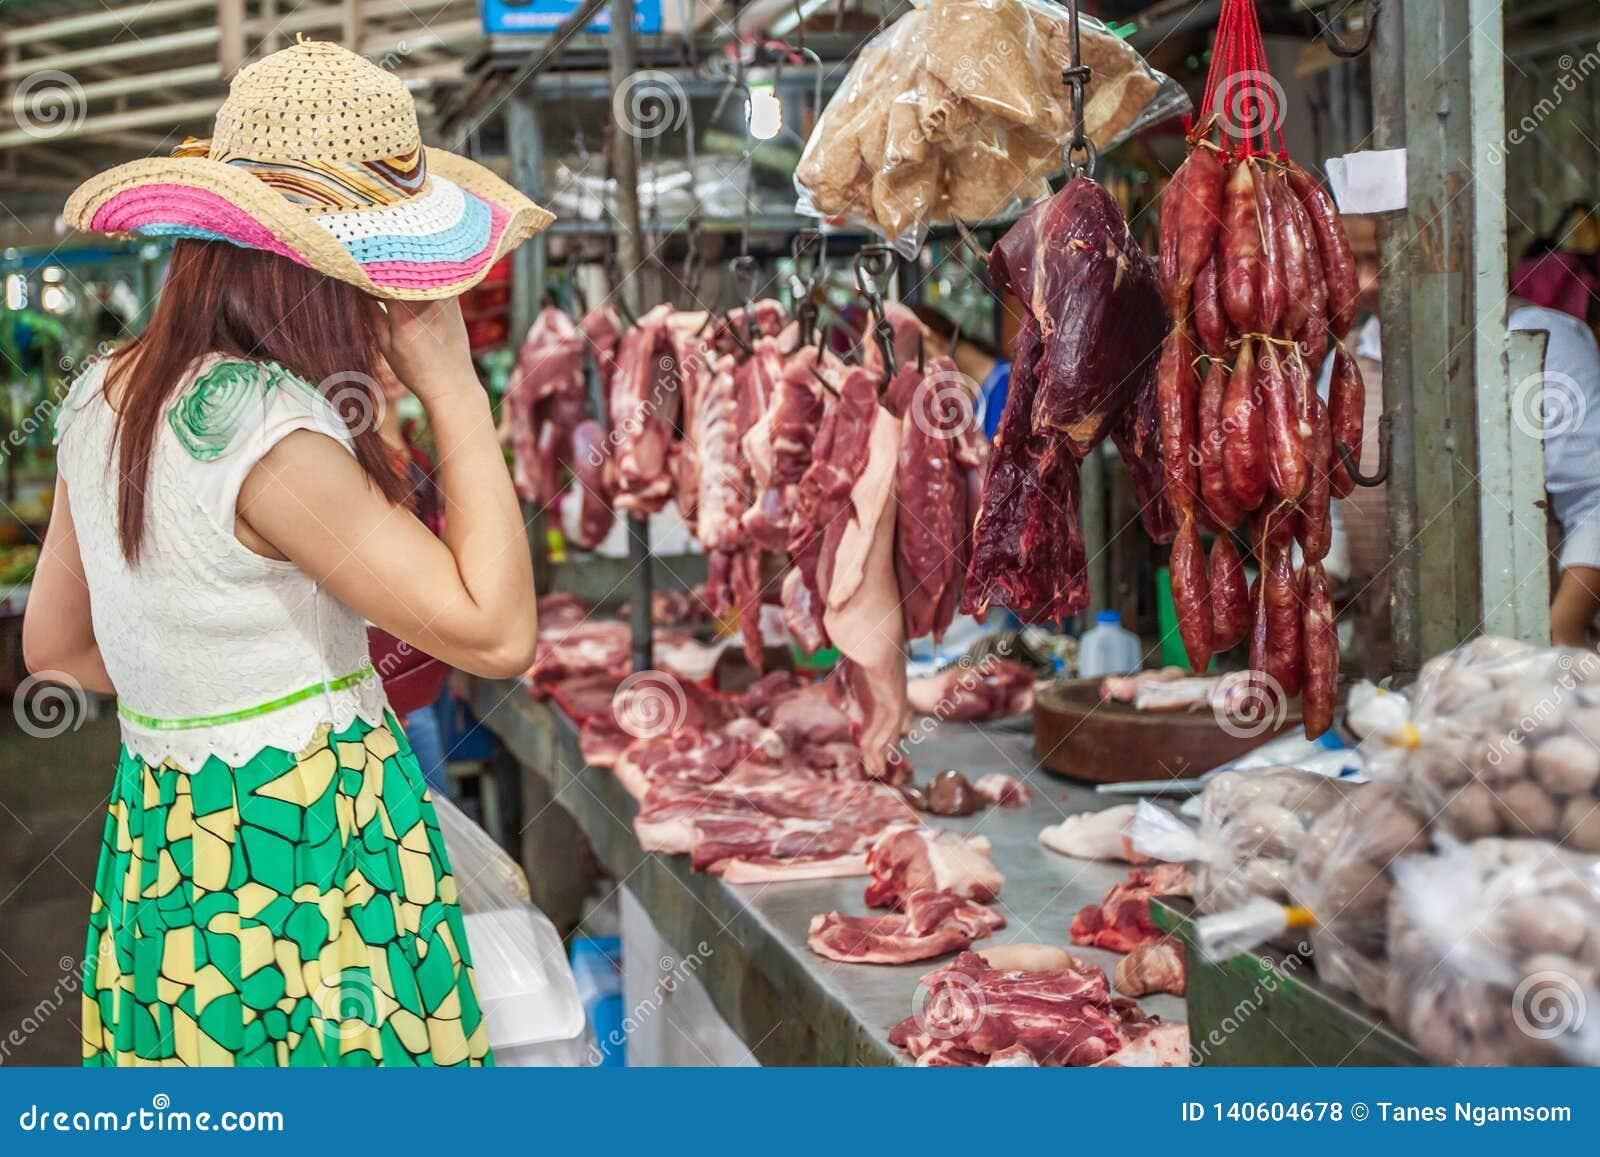 Viande de achat de client féminin au magasin de butcher's, variété de viande, porc, boeuf, poulet, nervures et saucisse chinois